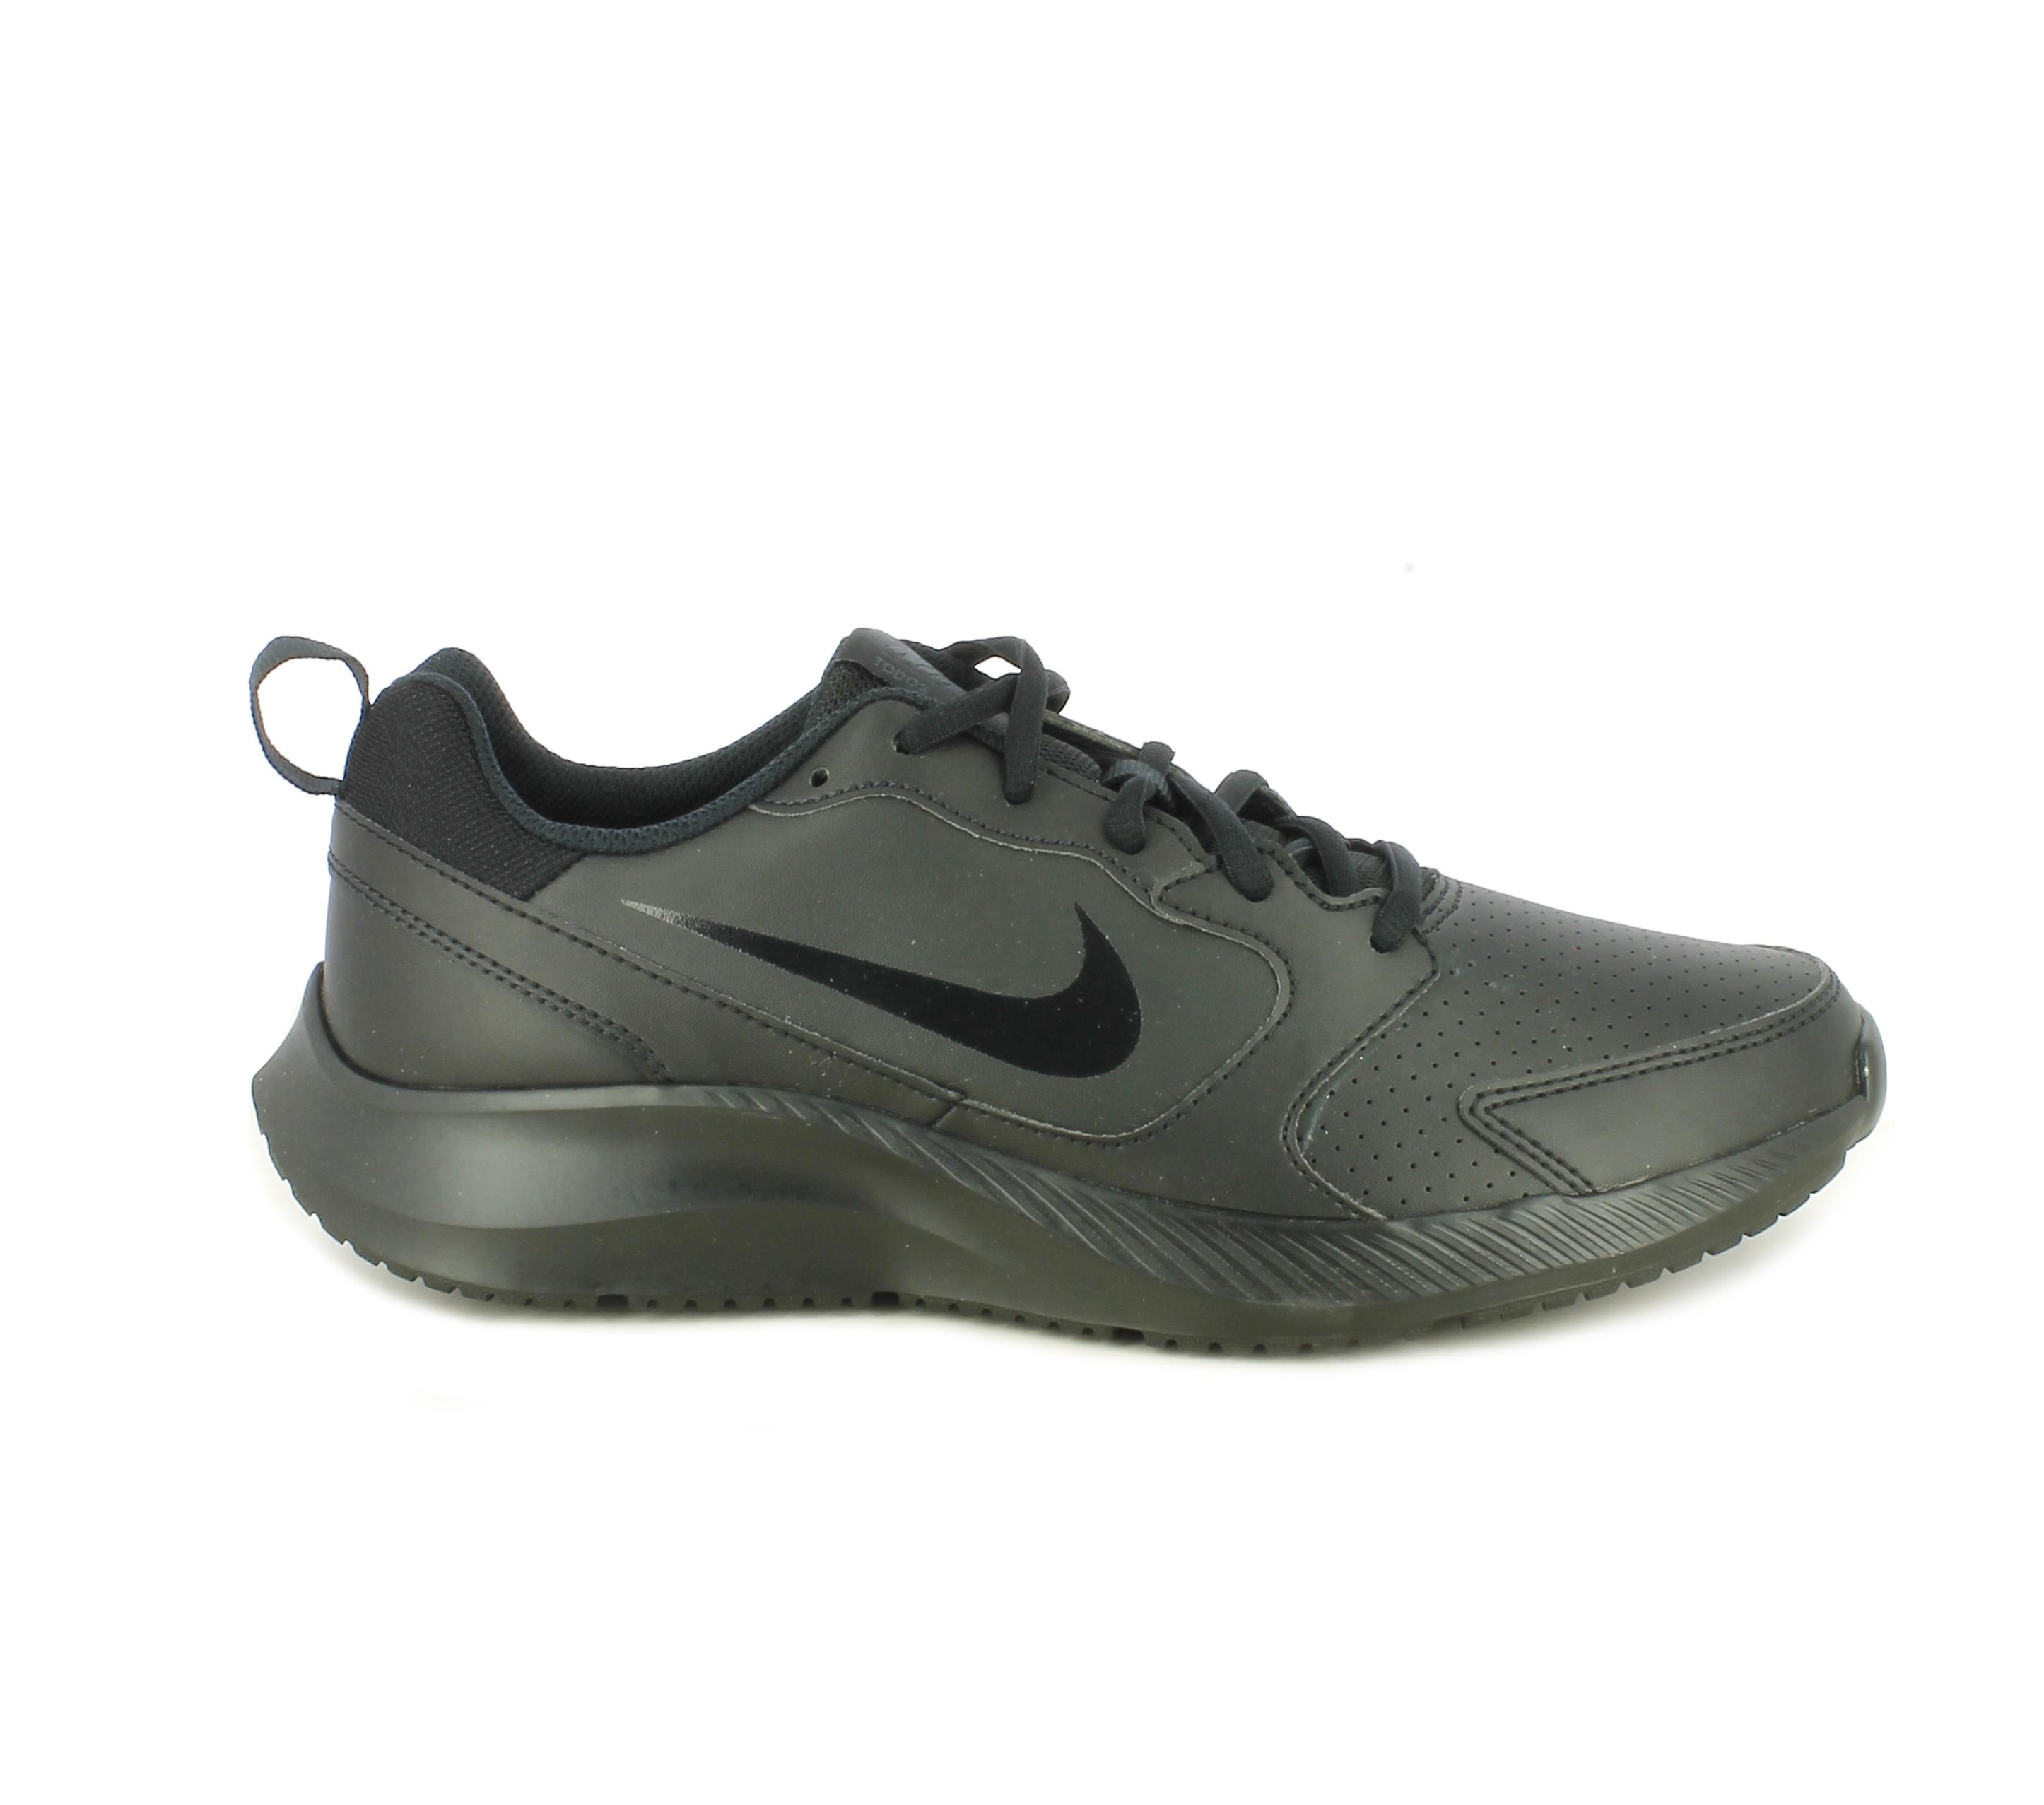 Zapatillas Deportivas Bq3198 Negras Con Cordones Nike